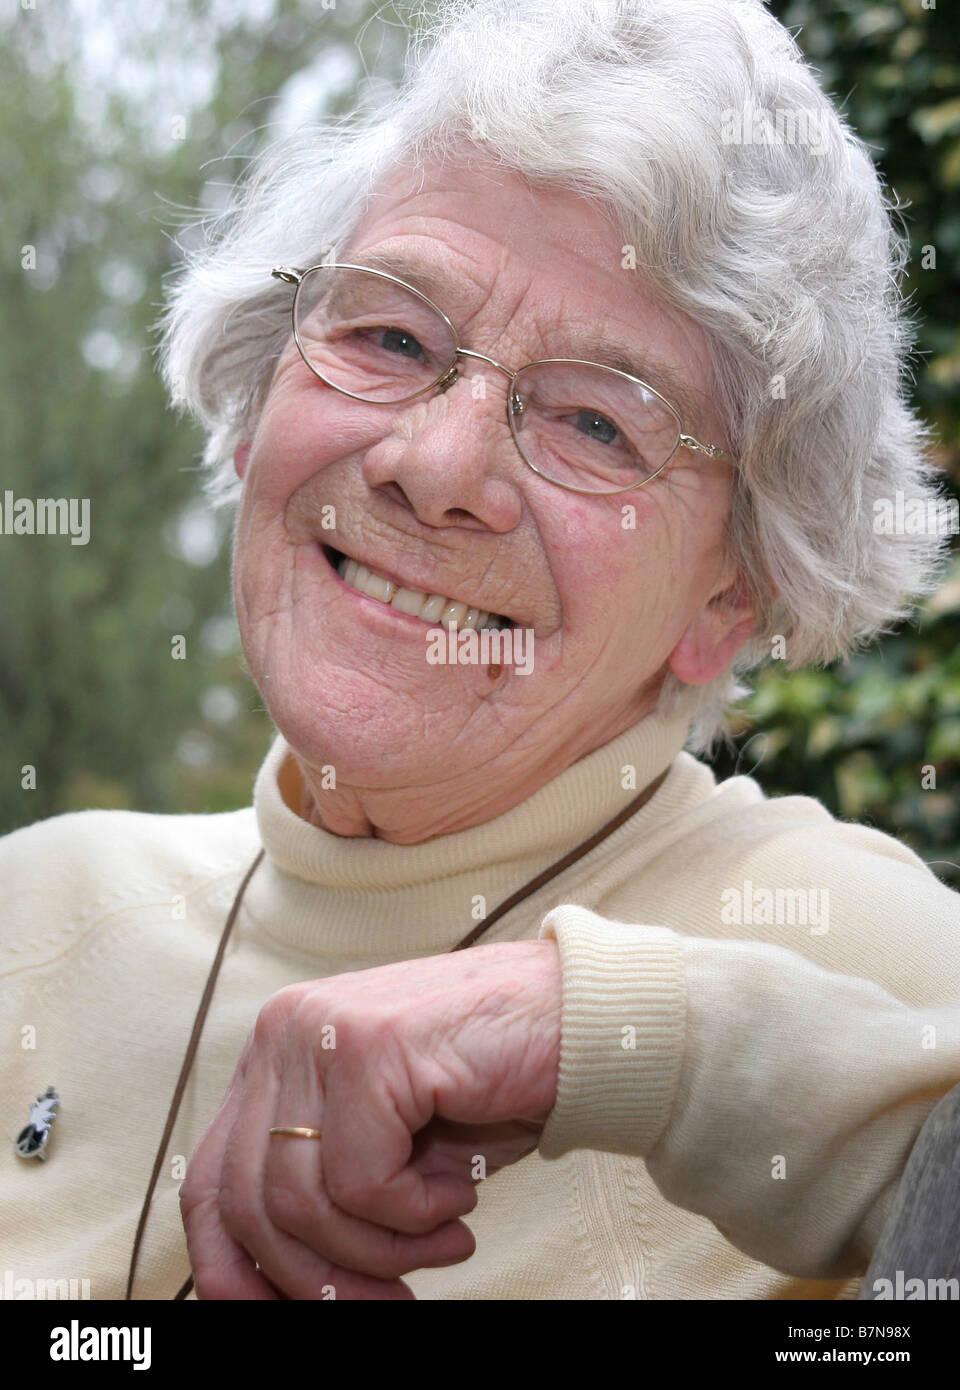 Jean Kaye ora 80 era un importante attivista per la pace negli anni ottanta prese 2006 Oxfordshire Immagini Stock